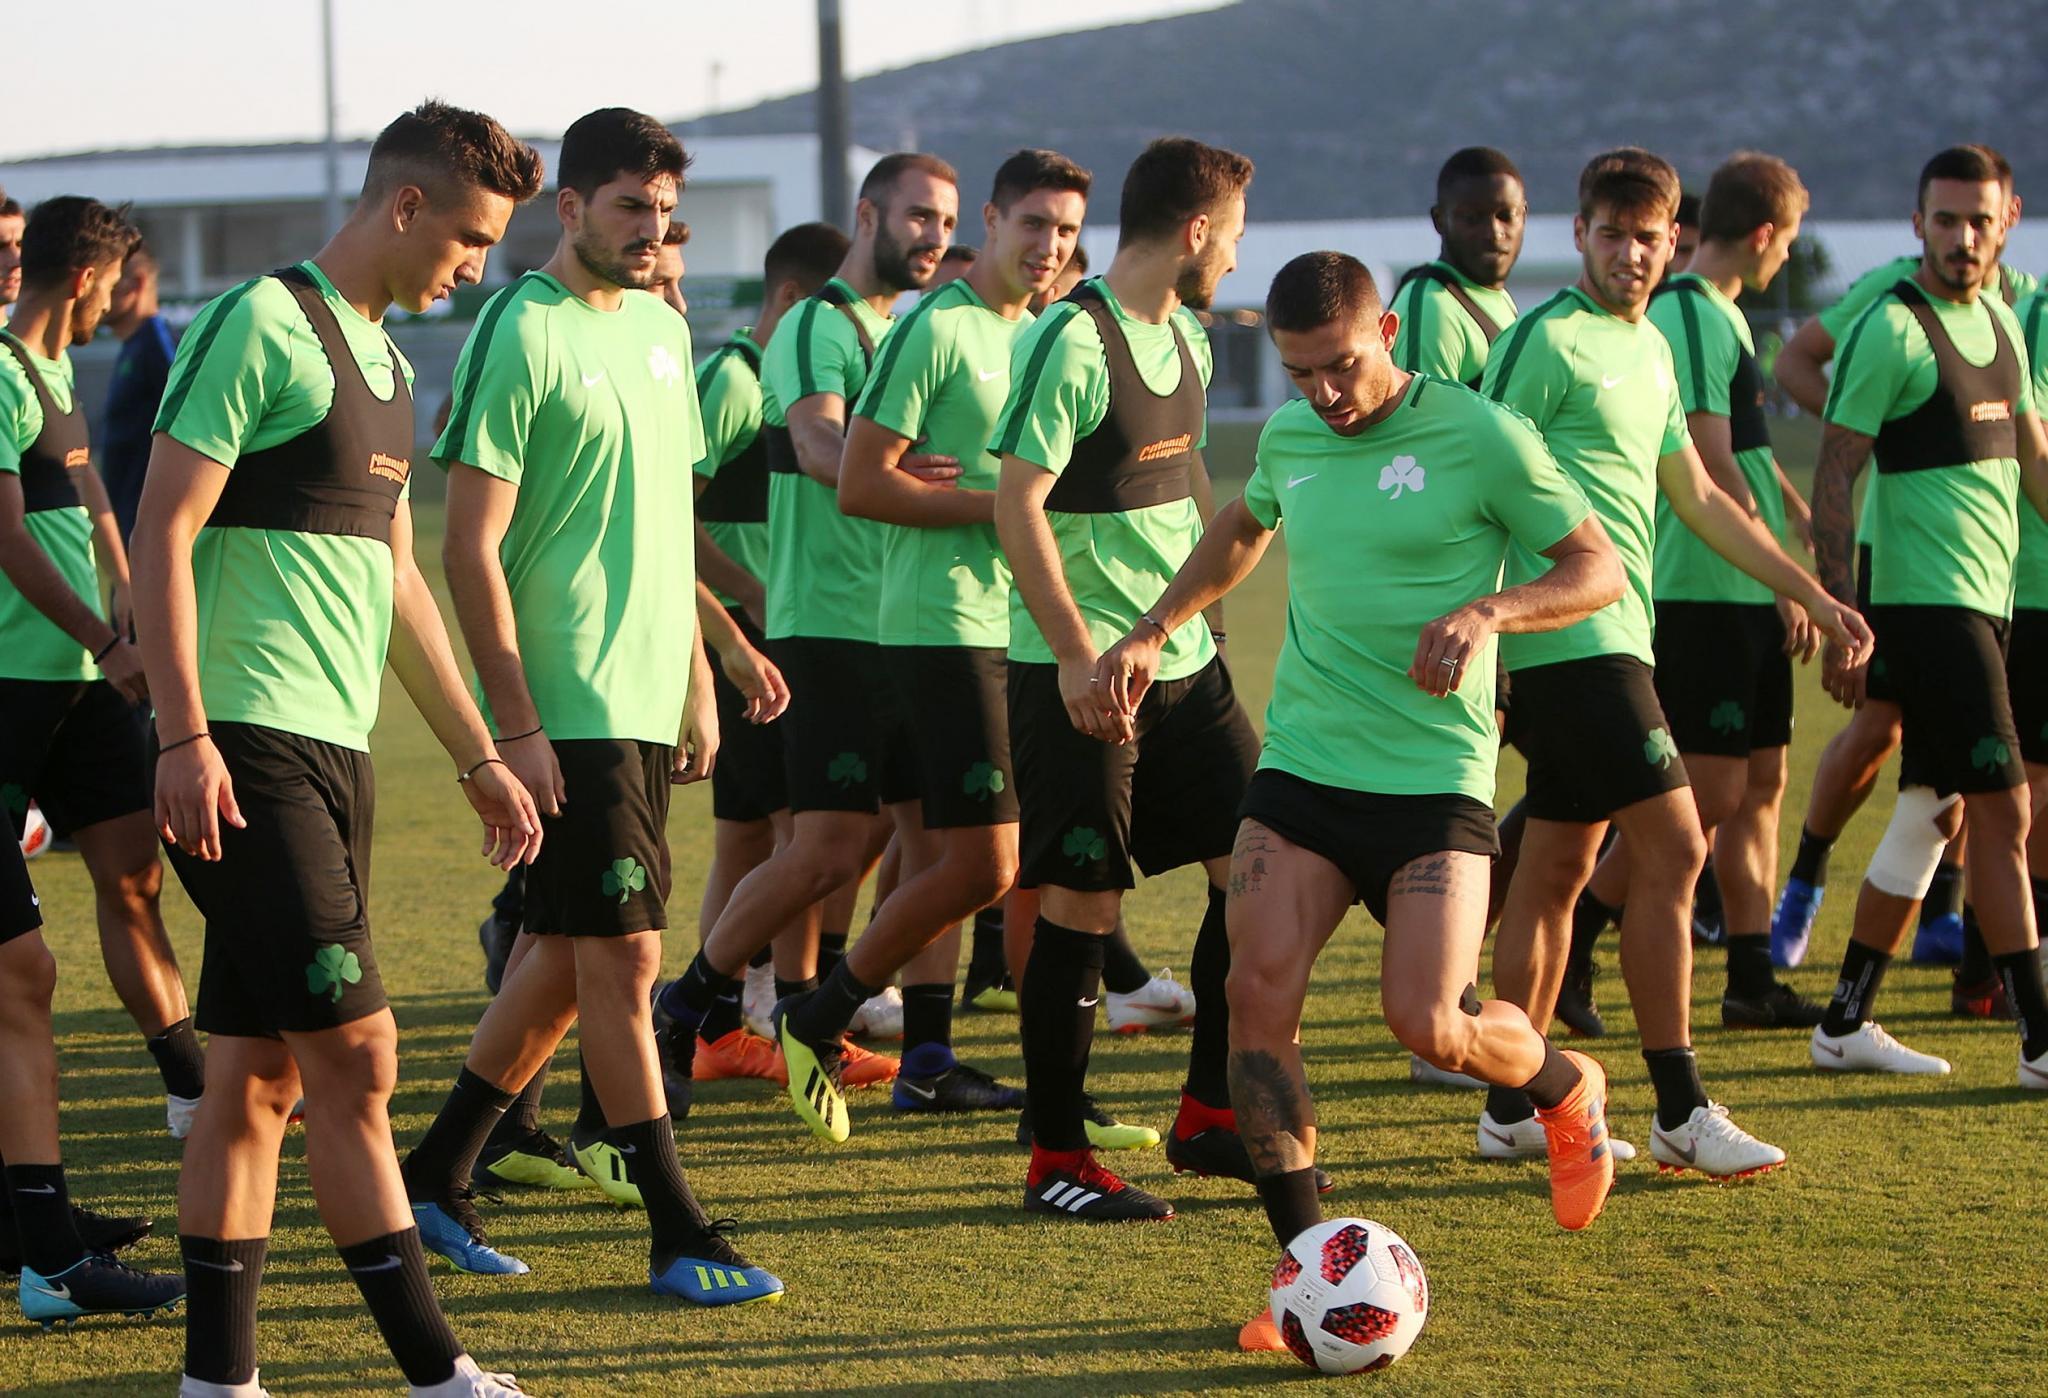 Το… σύνθημα που ακούγεται από κάθε «πράσινο» παίκτη (pic)   panathinaikos24.gr